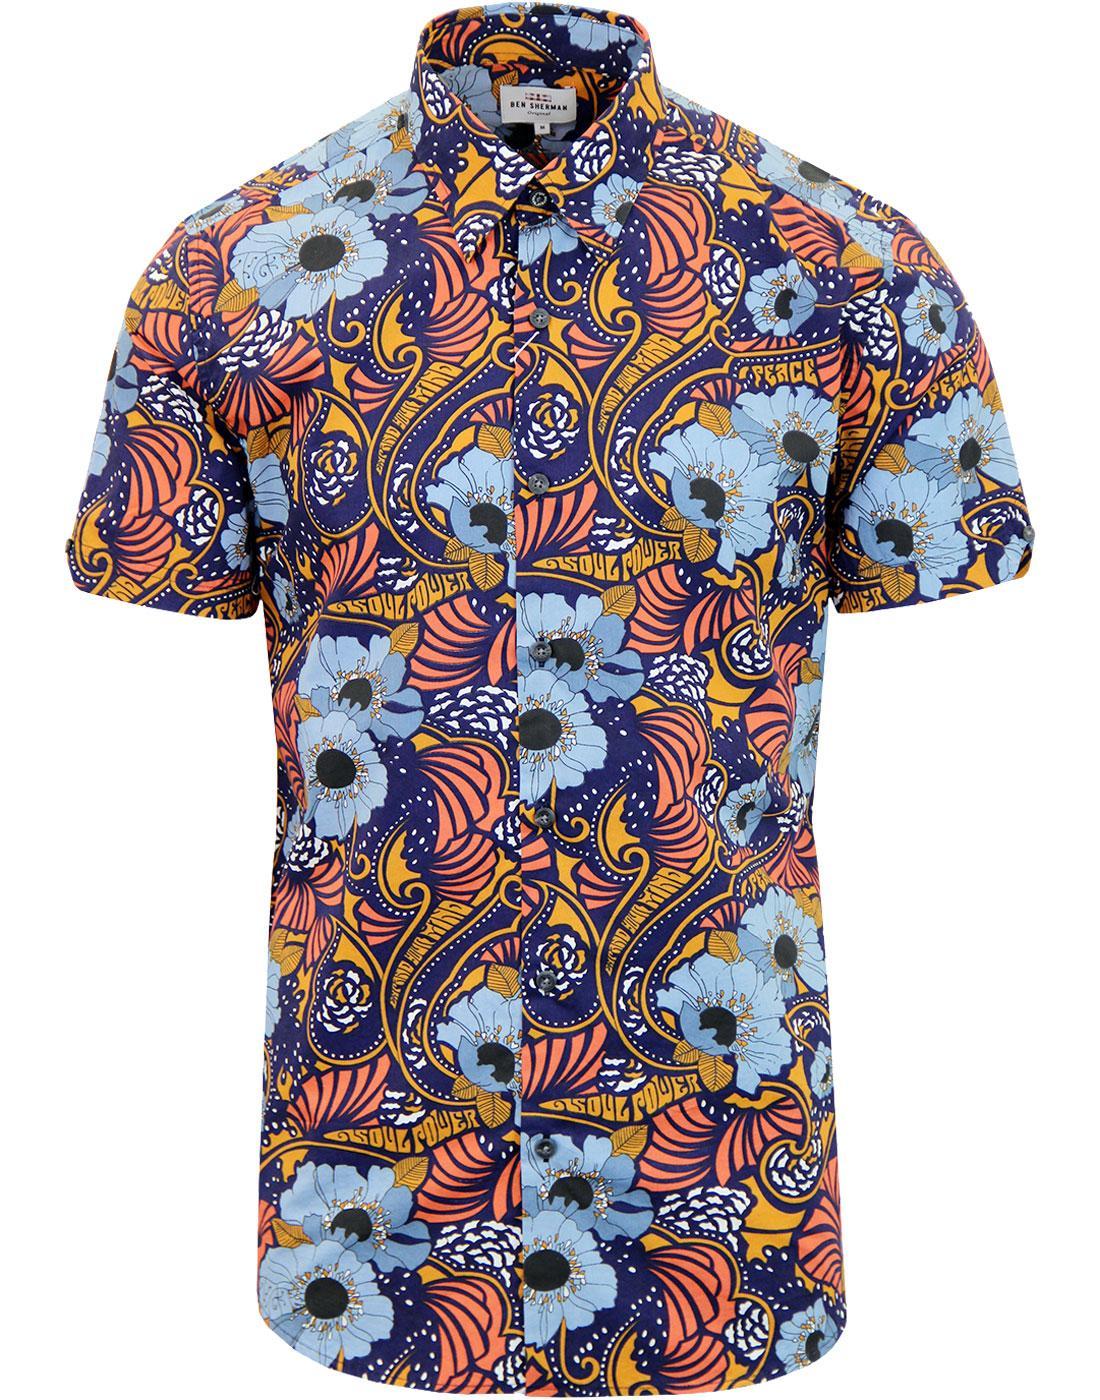 BEN SHERMAN Mens 60s Mod Soul Power Floral Shirt N